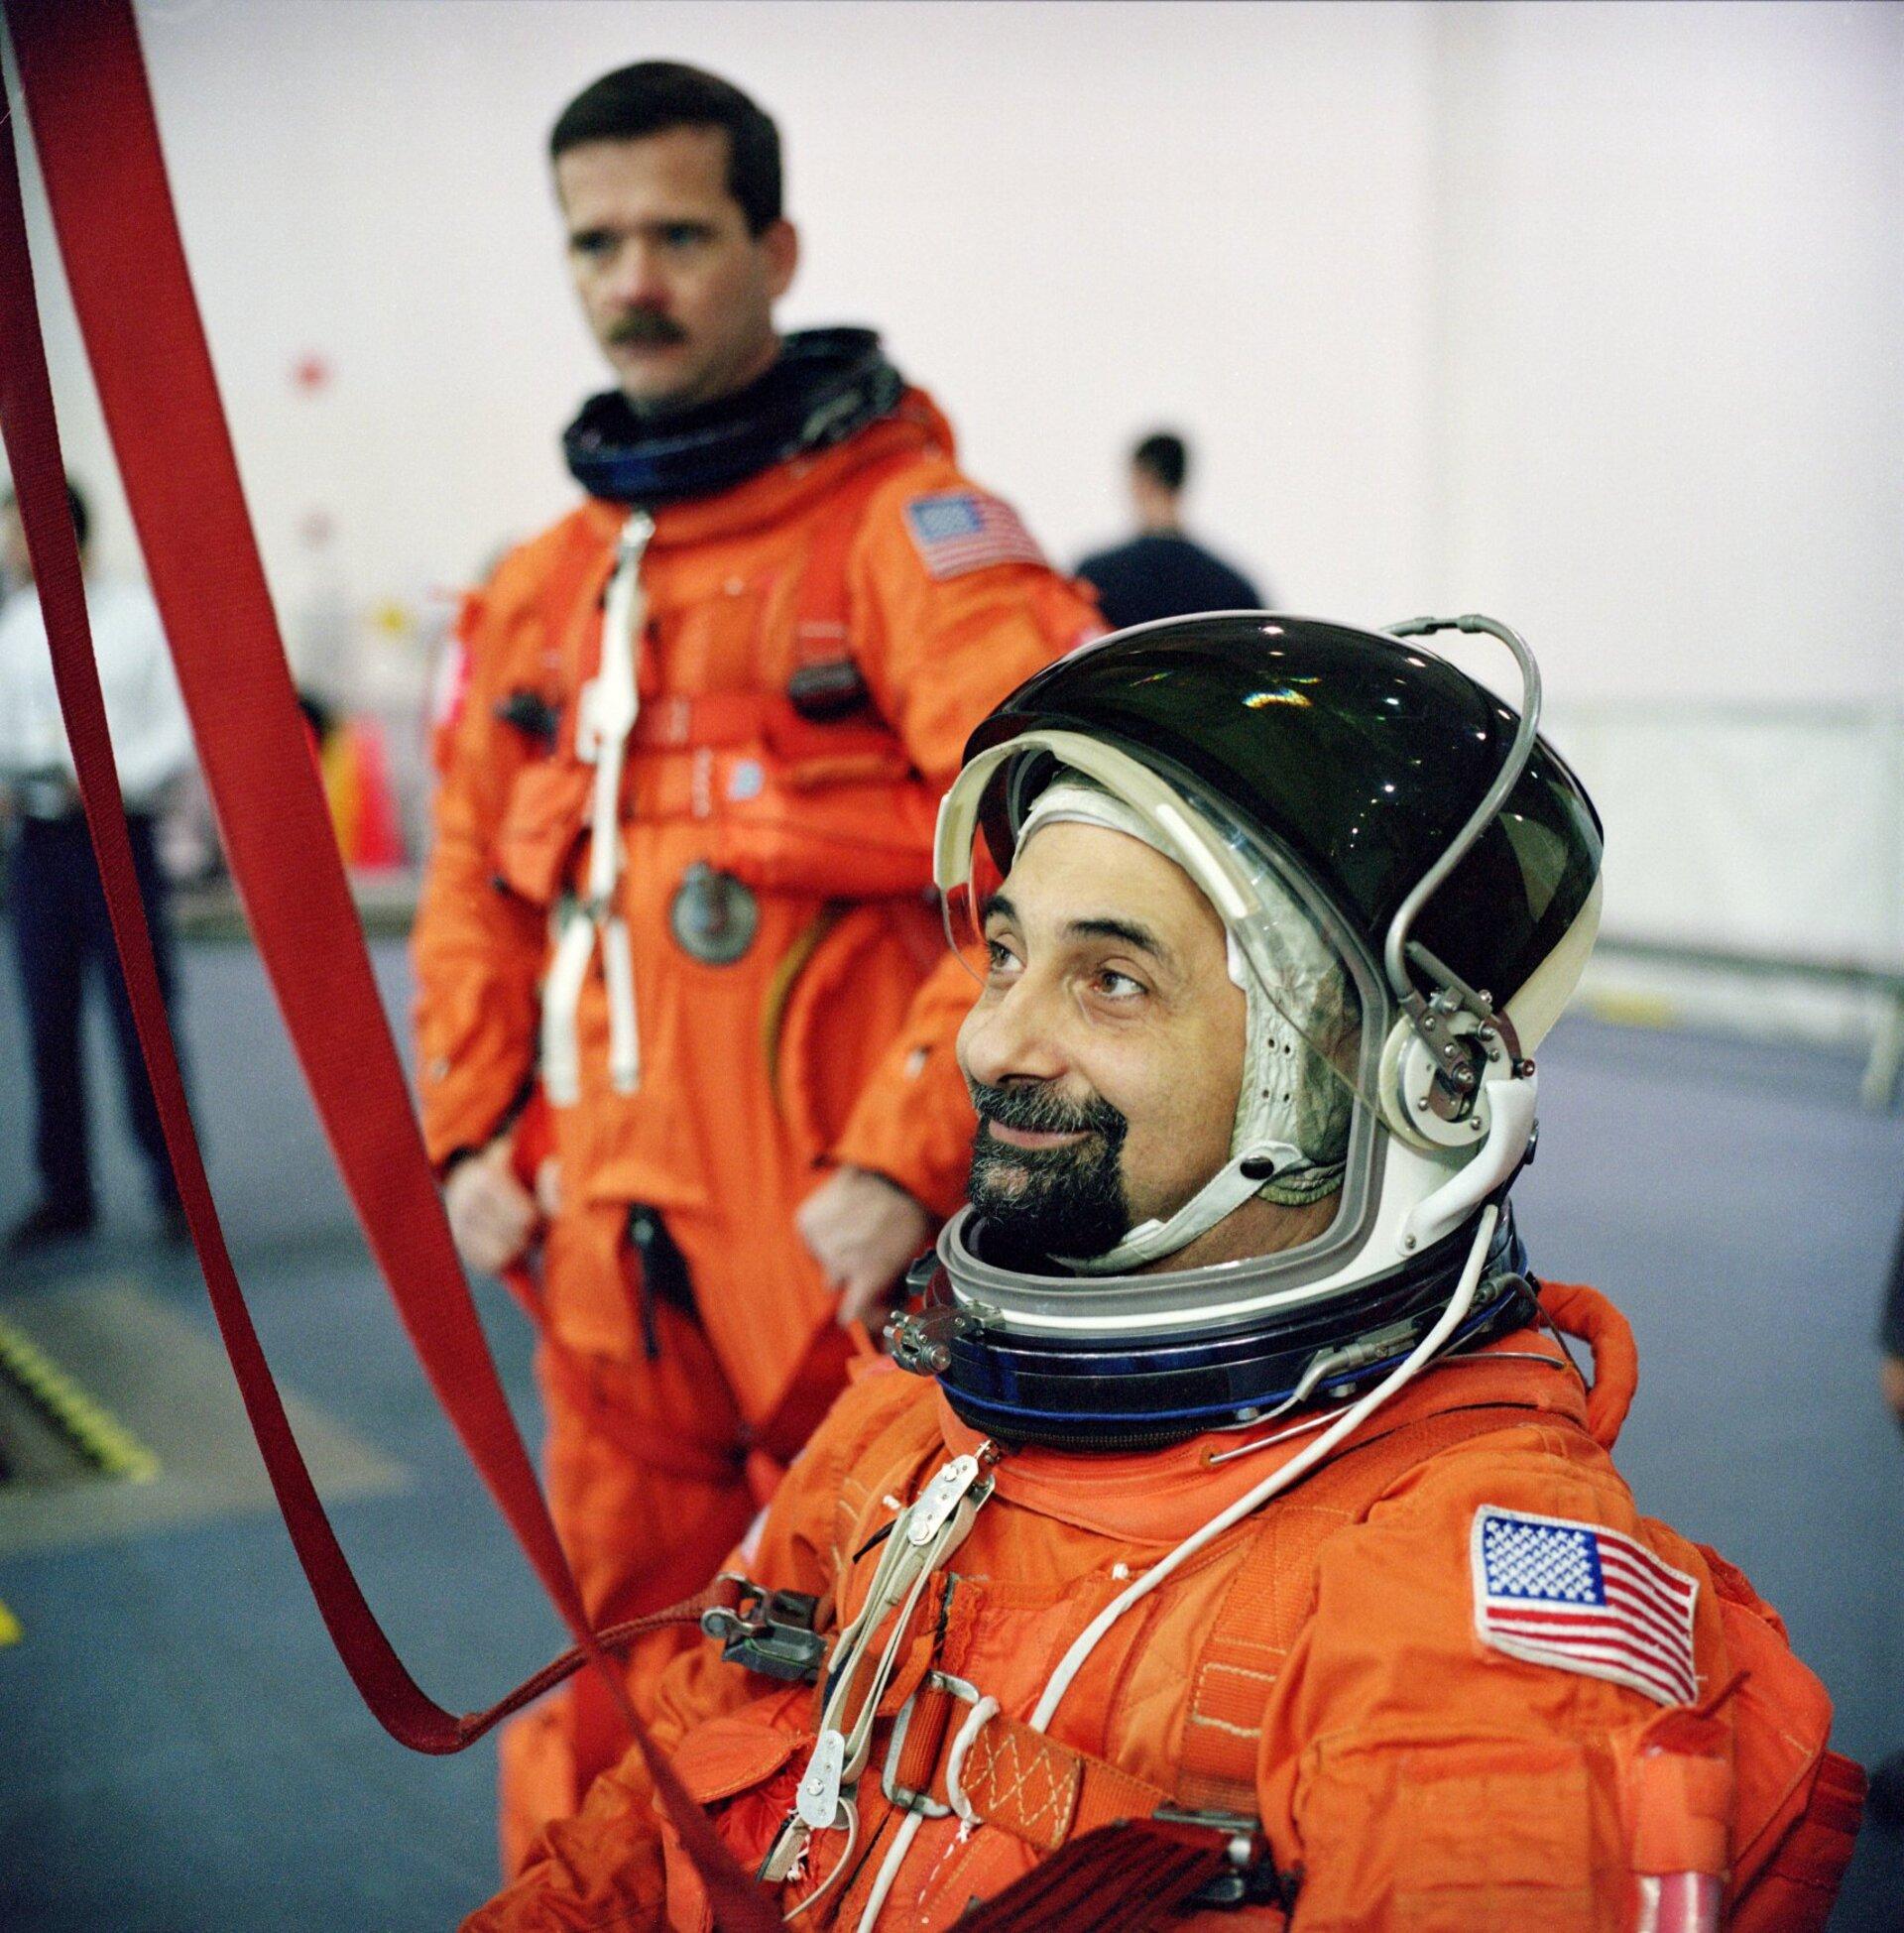 ESA - Umberto Guidoni in training